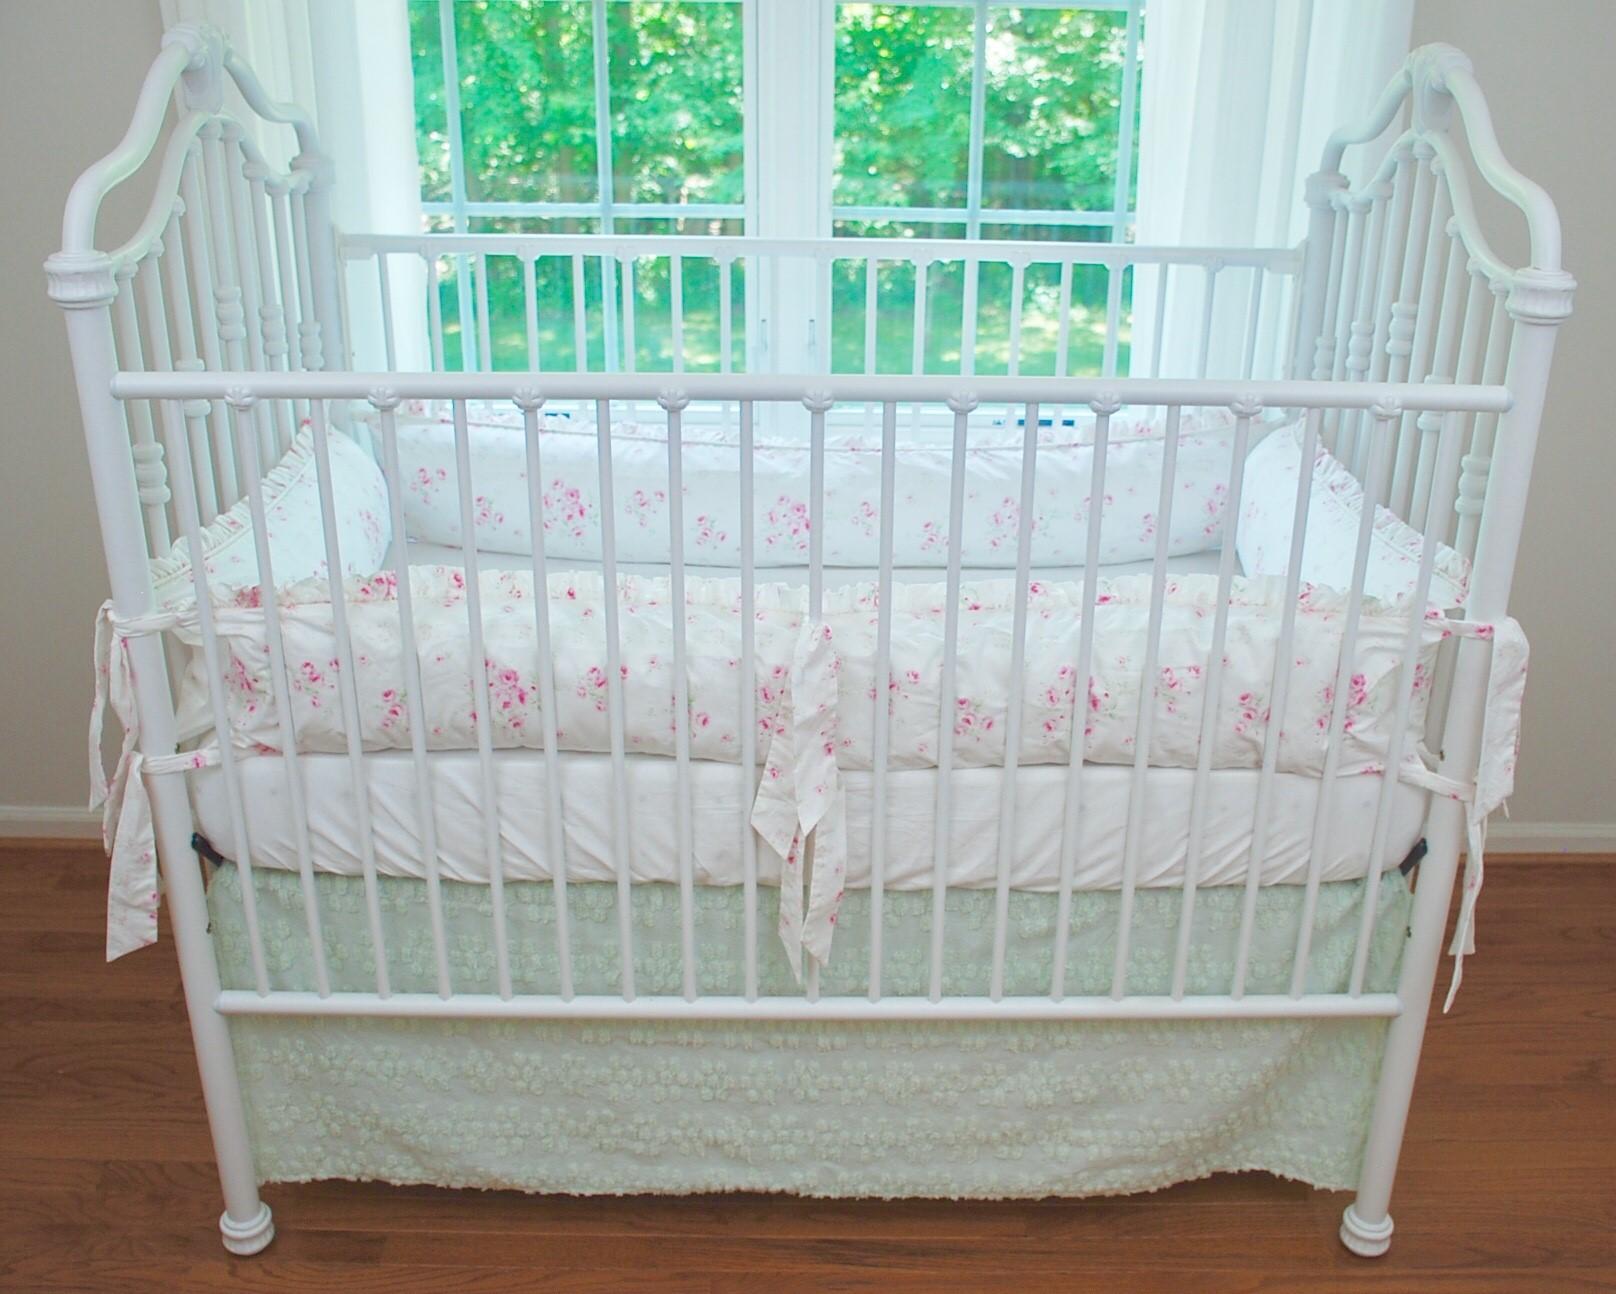 Crib Bedding Set - Shabby Angel Roses with Mint Chenille Skirt  Set#1